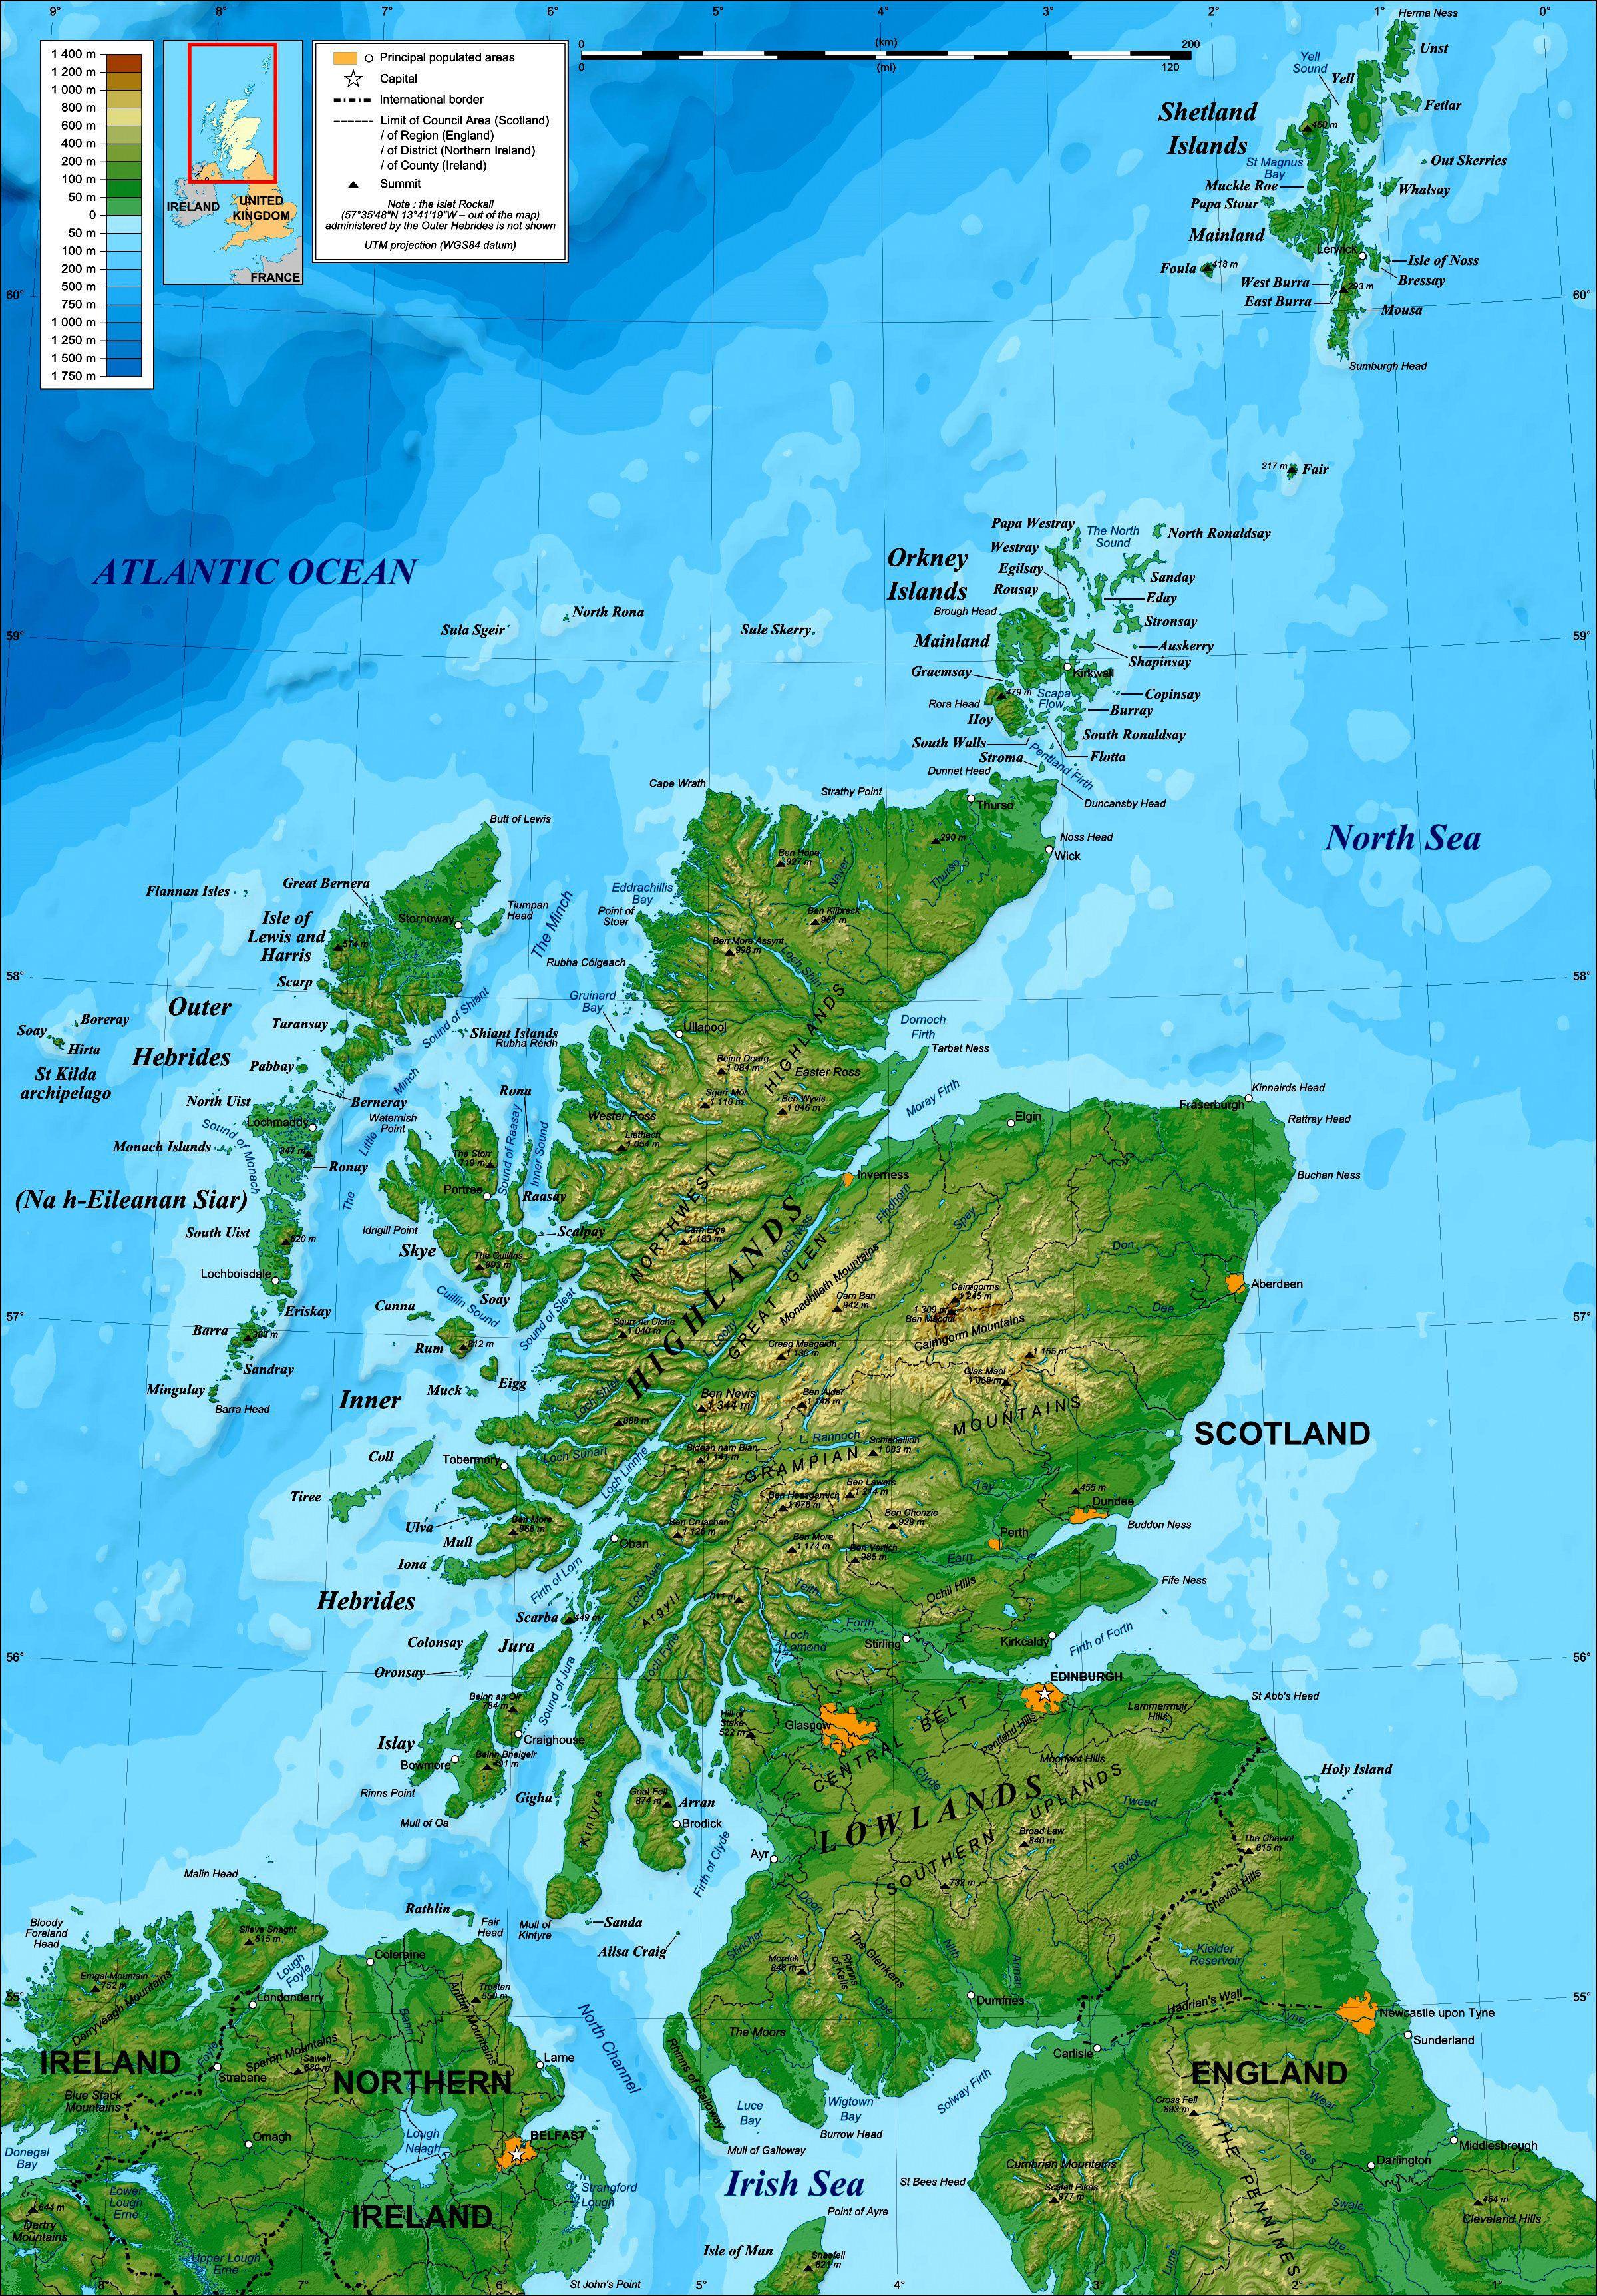 Map of scotland recherche google designvisualization map of scotland recherche google gumiabroncs Images